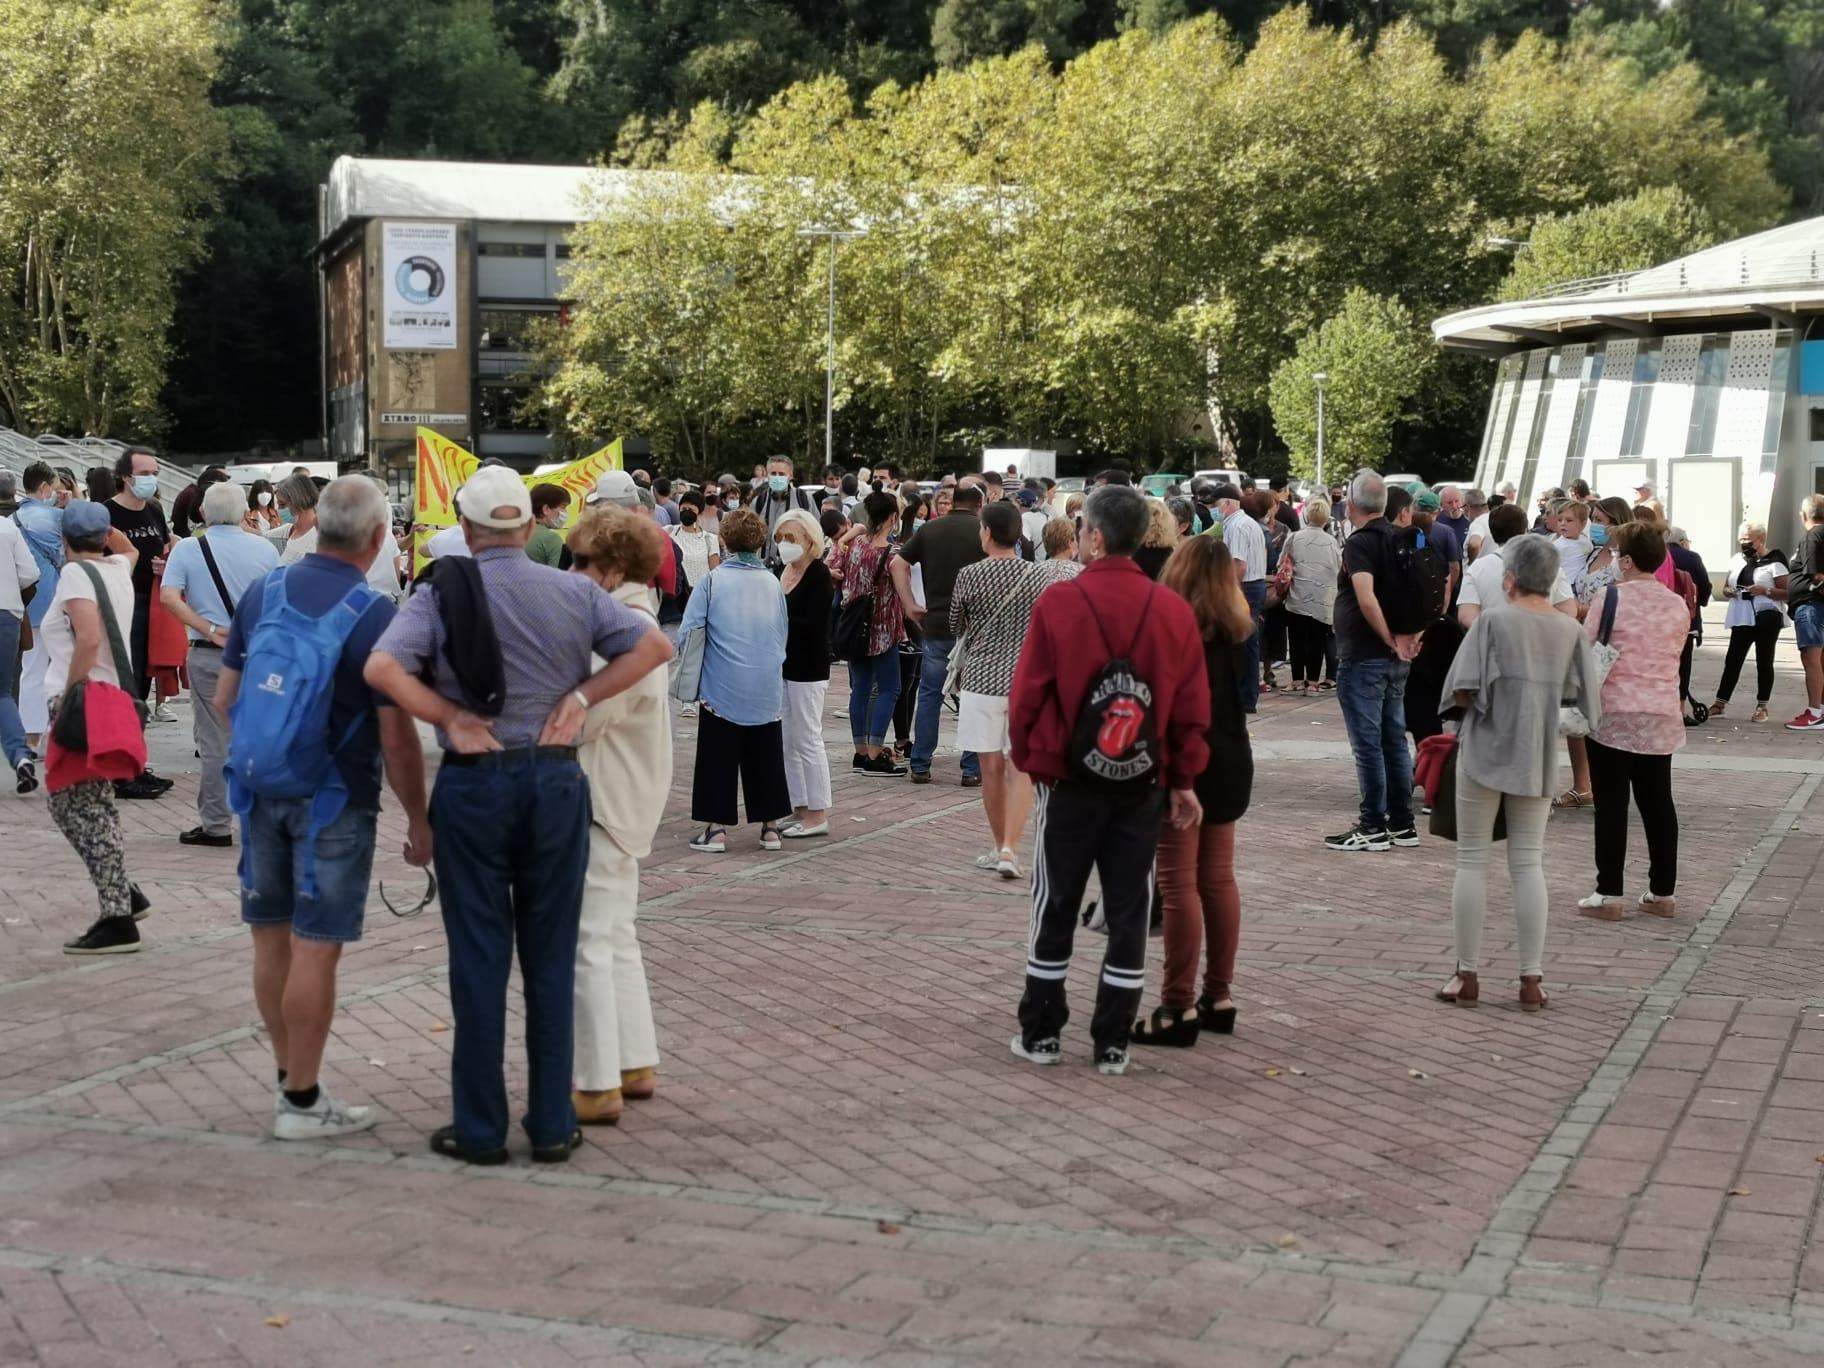 Onkologikoa2 - Una manifestación recorre Donostia por el futuro de Onkologikoa